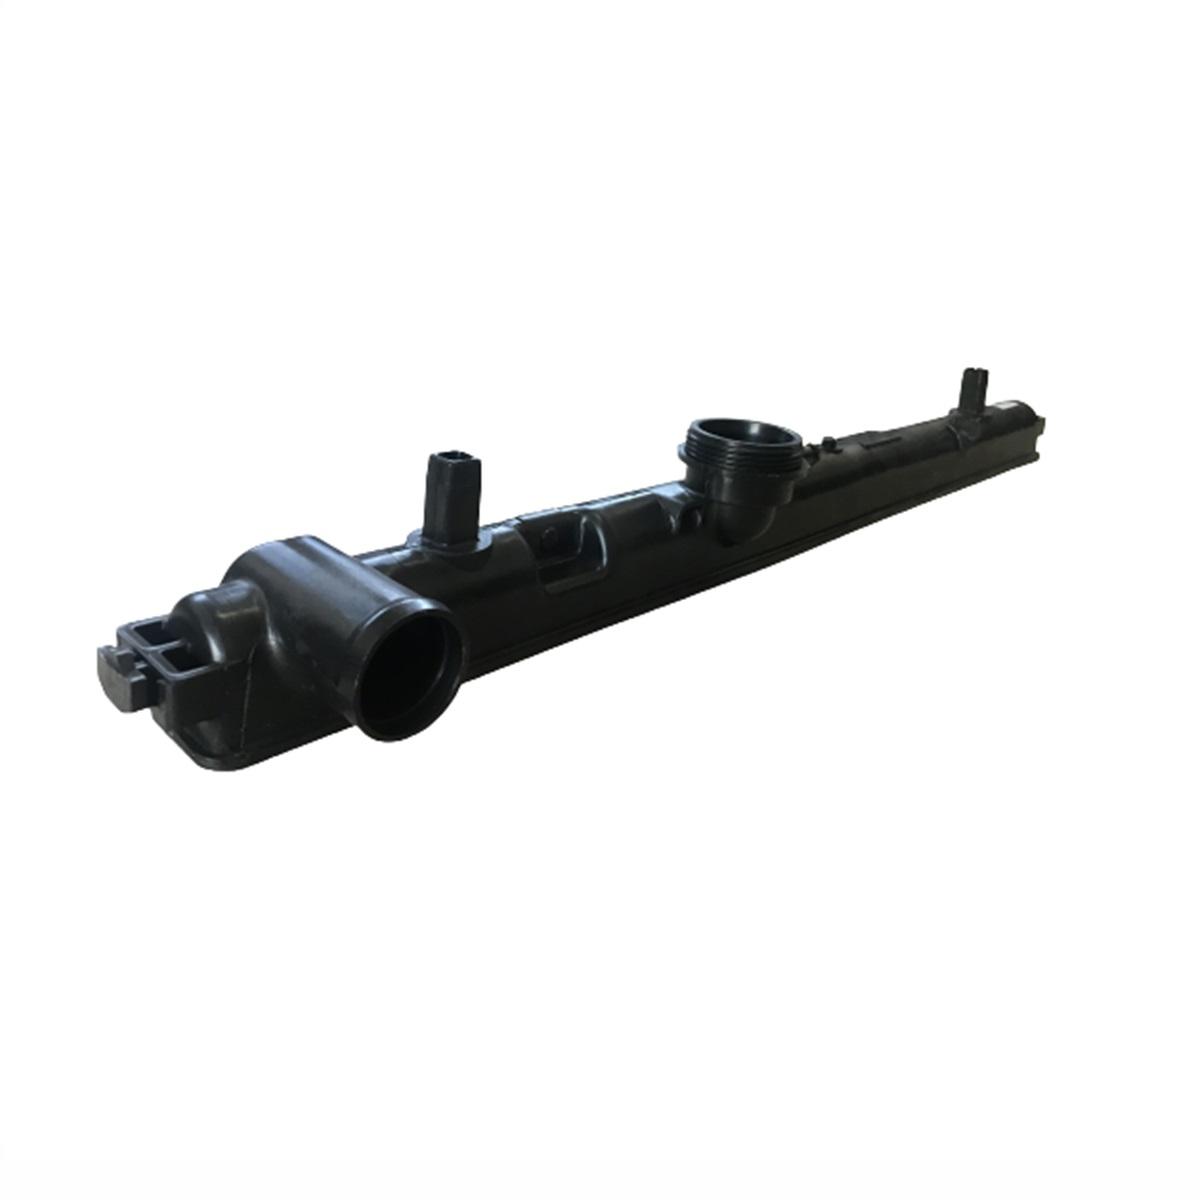 Caixa de Radiador Superior S10 Nova 2014 Bocal 48mmx657mm